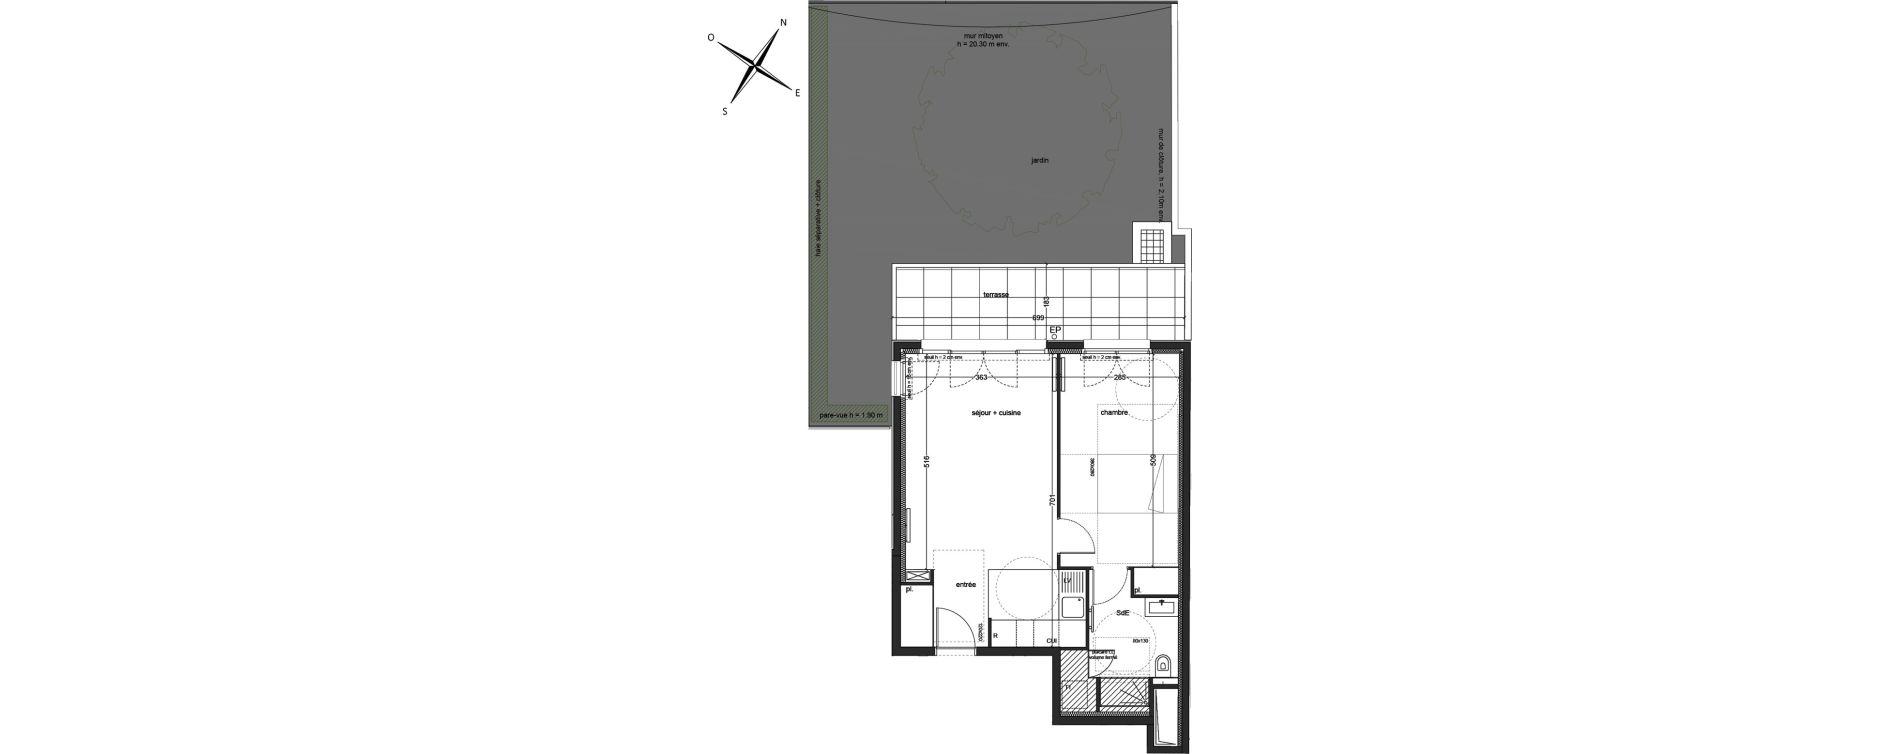 Appartement T2 de 48,71 m2 à Clichy Mairie de clichy